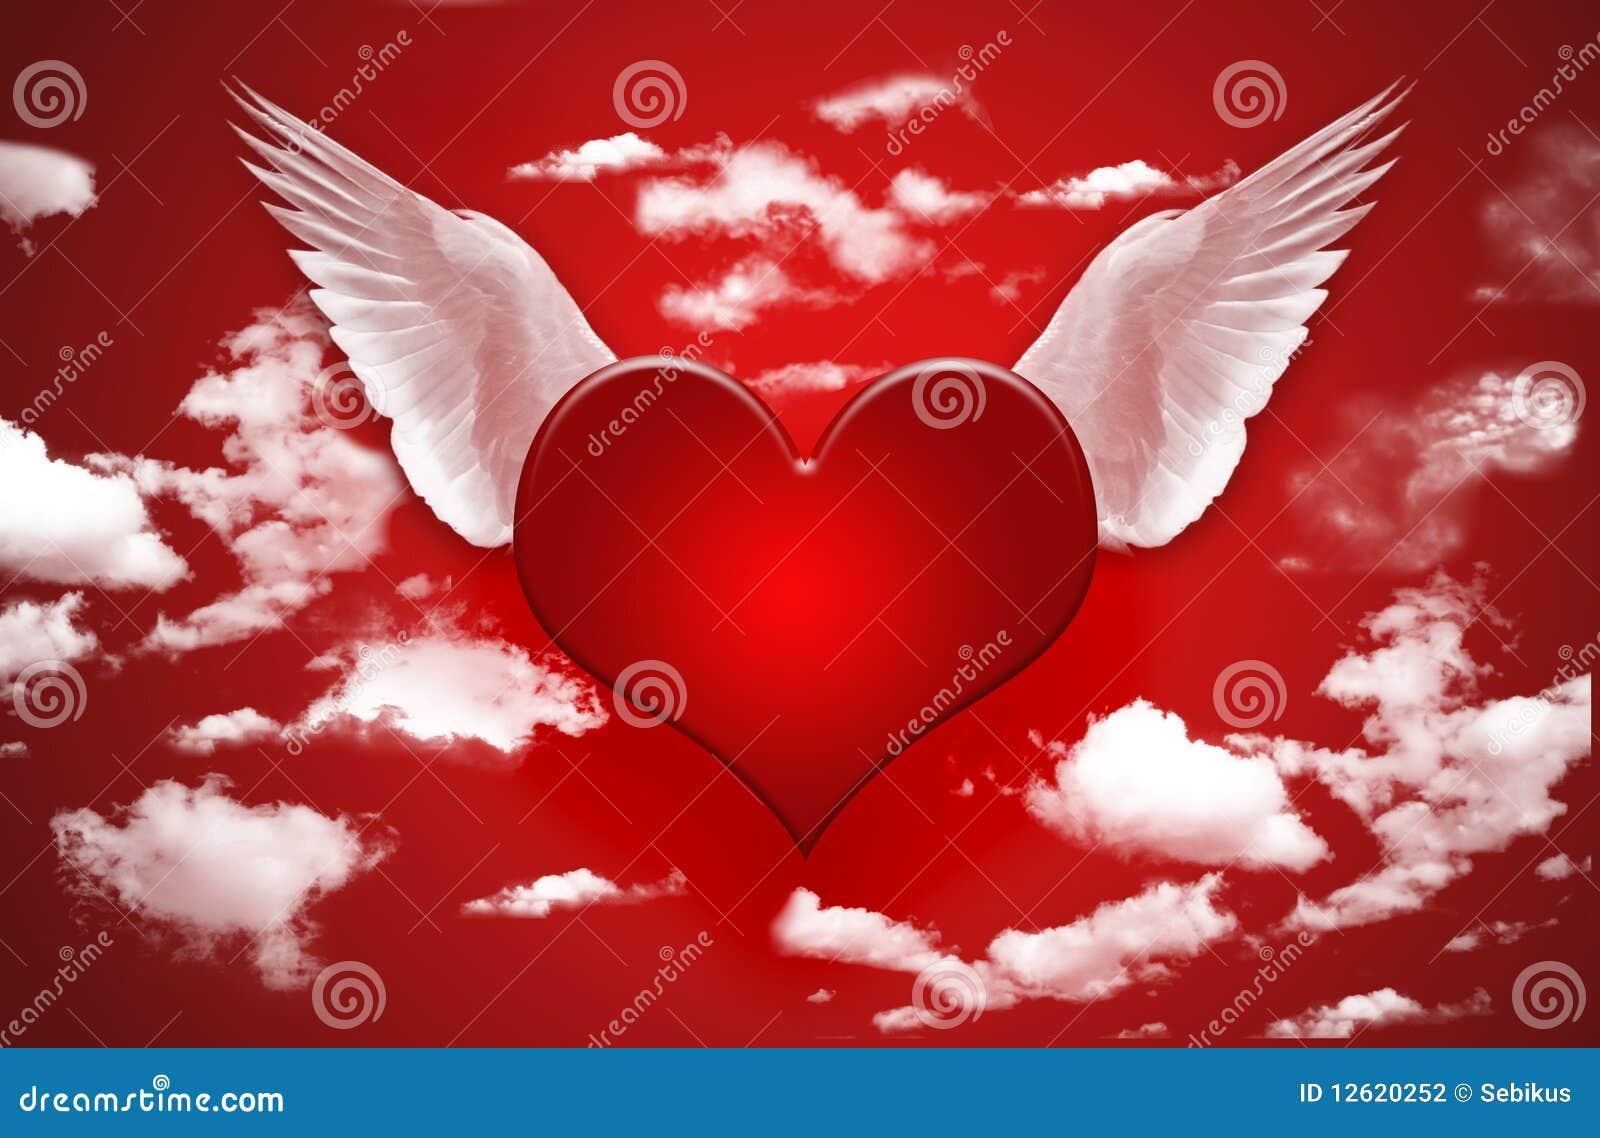 coeur avec des ailes photographie stock image 12620252. Black Bedroom Furniture Sets. Home Design Ideas